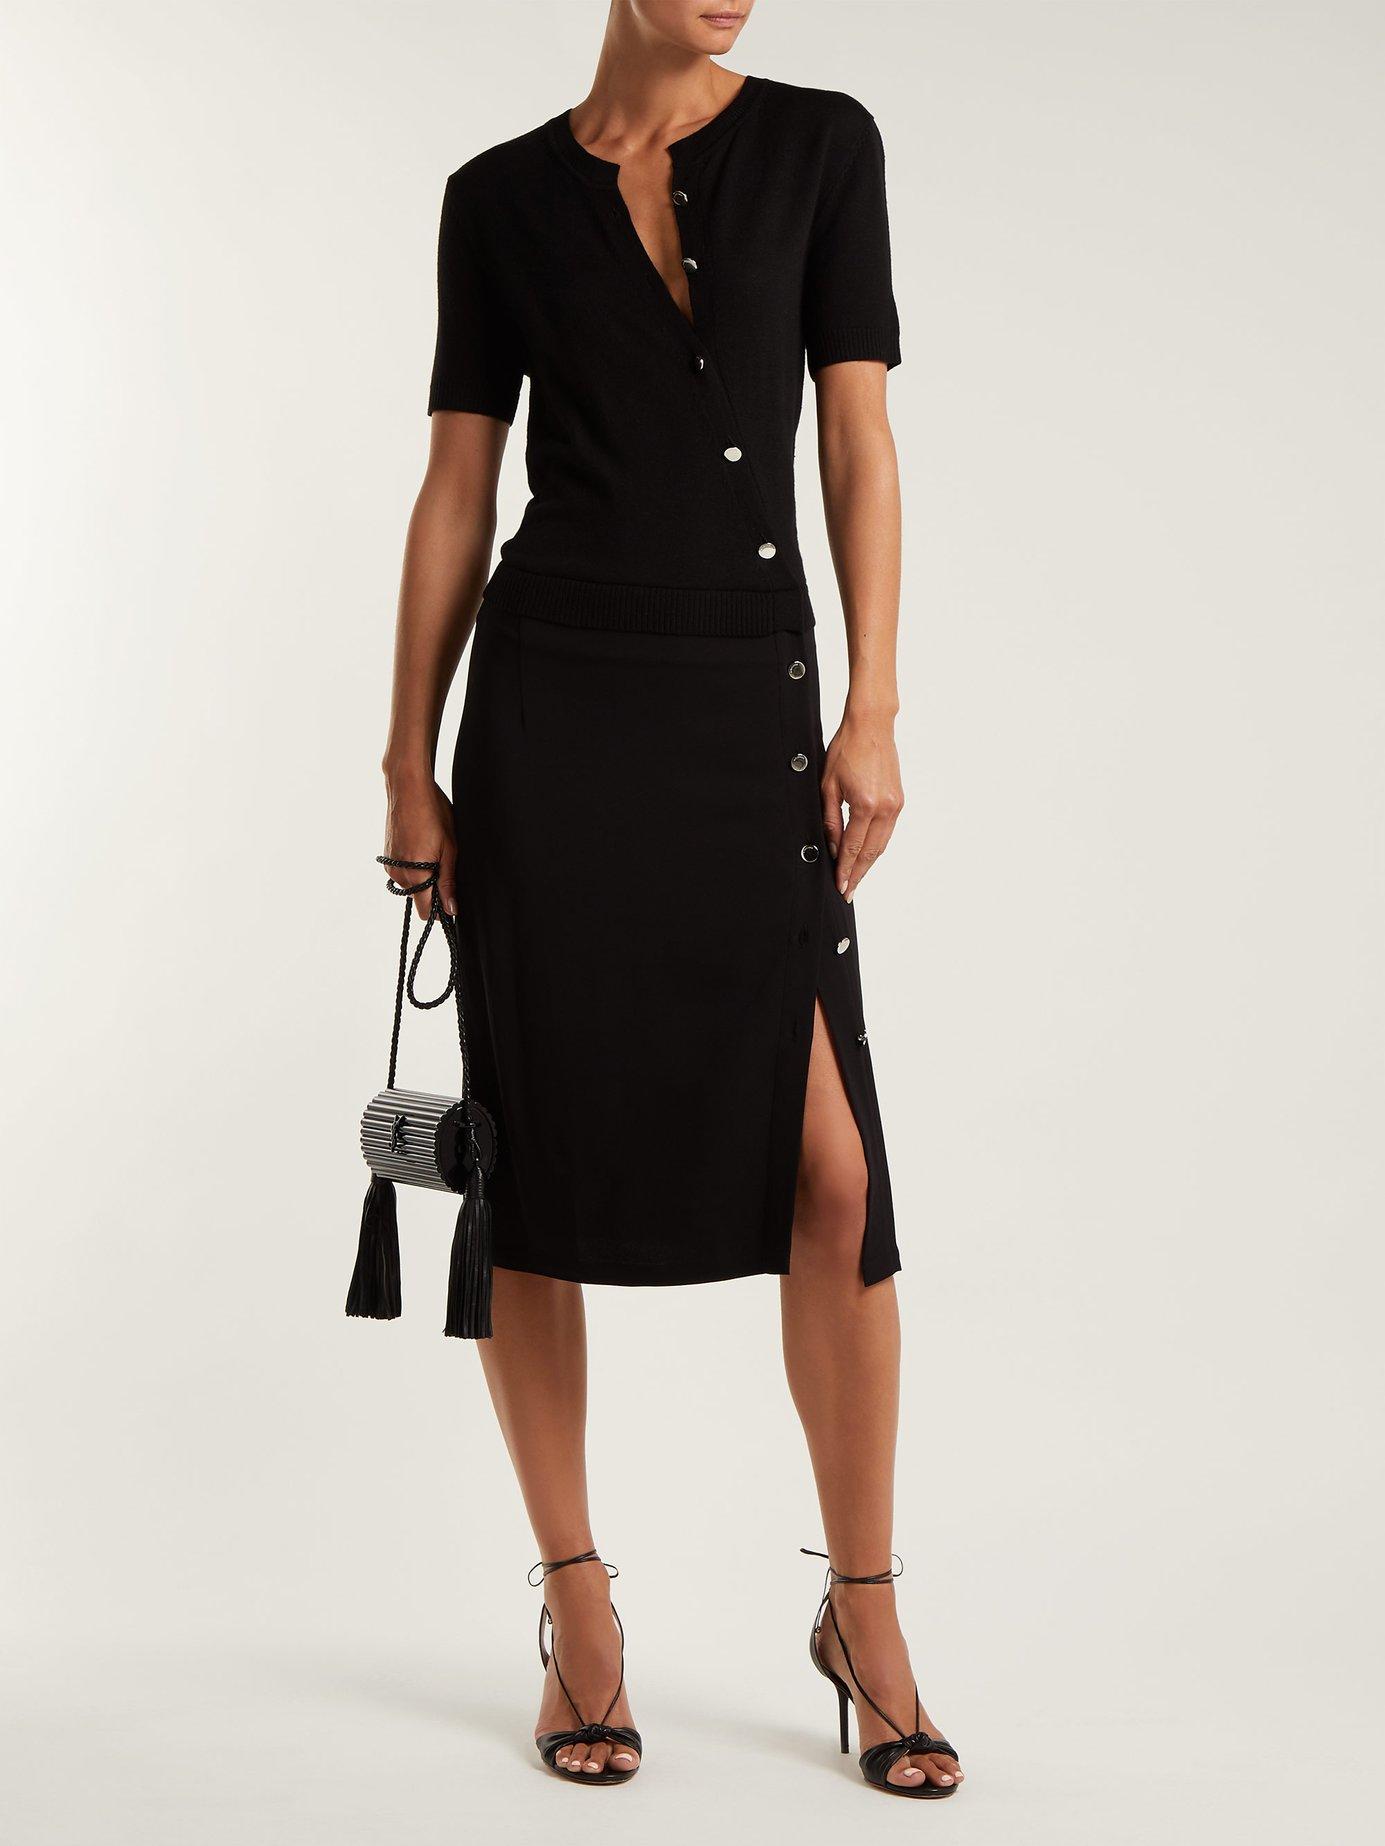 Jefferson asymmetric-buttoned dress by Altuzarra